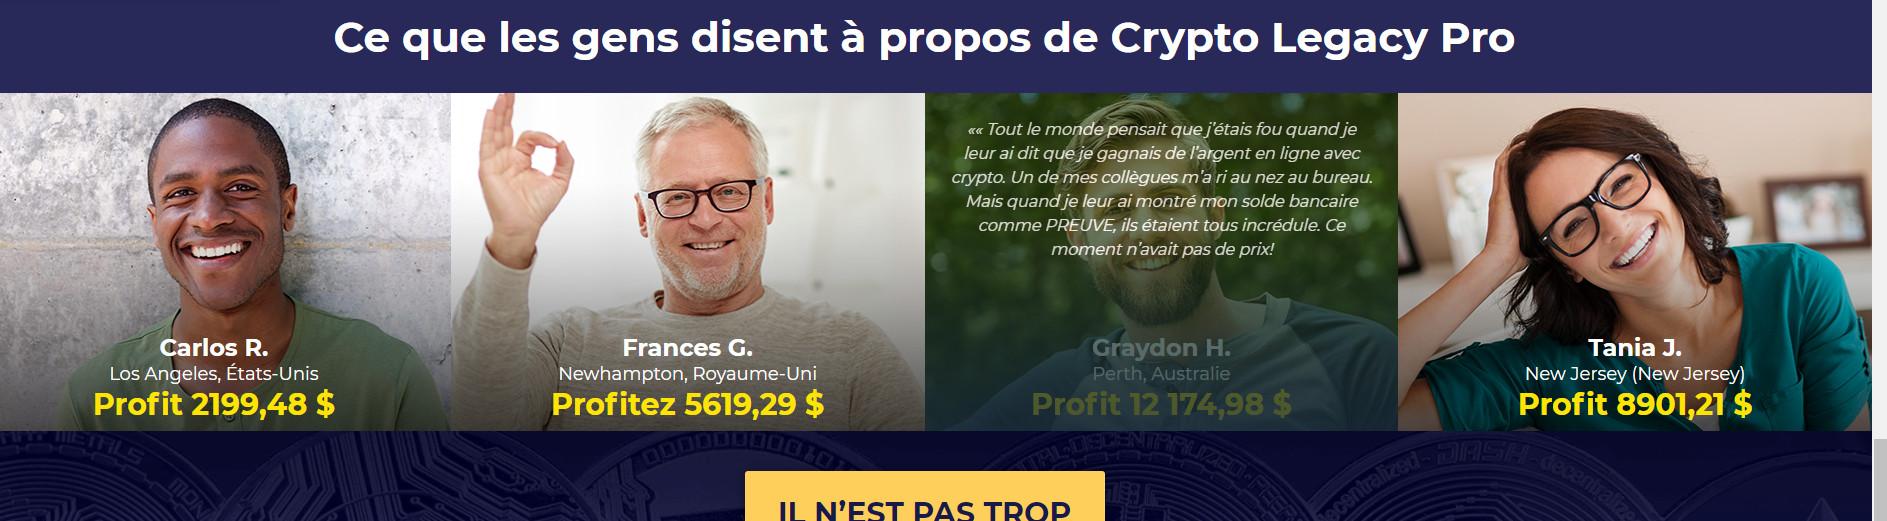 avis clients Crypto Legacy Pro